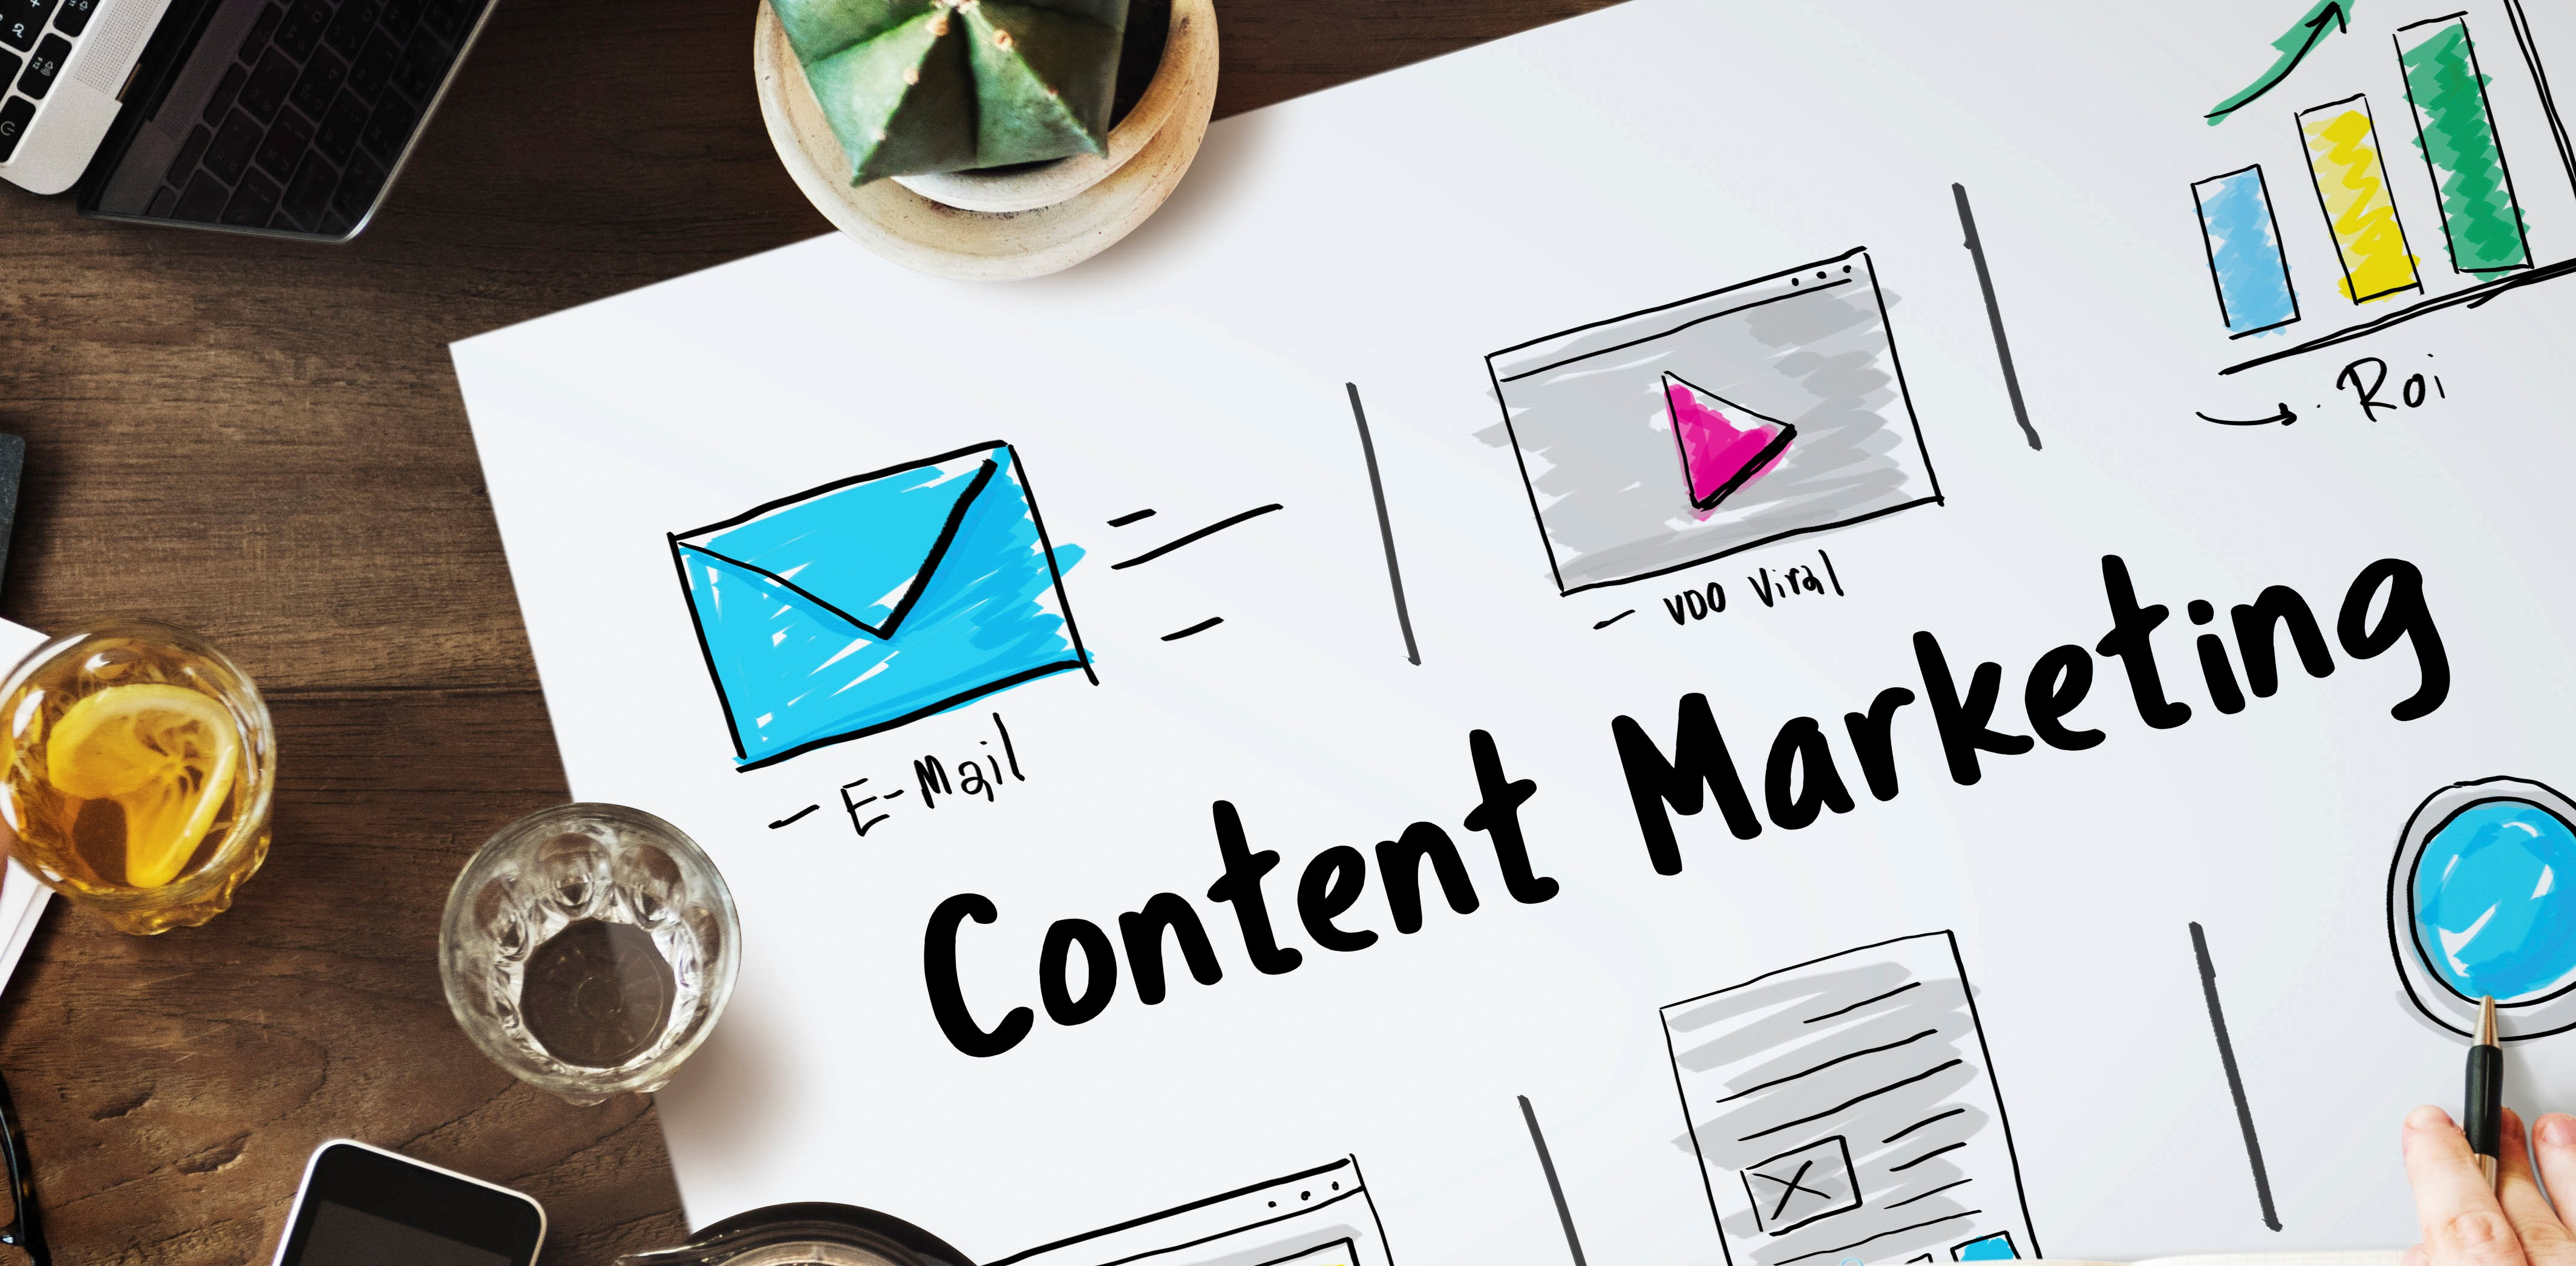 Como o Marketing de Conteúdo pode ajudar na construção da sua marca